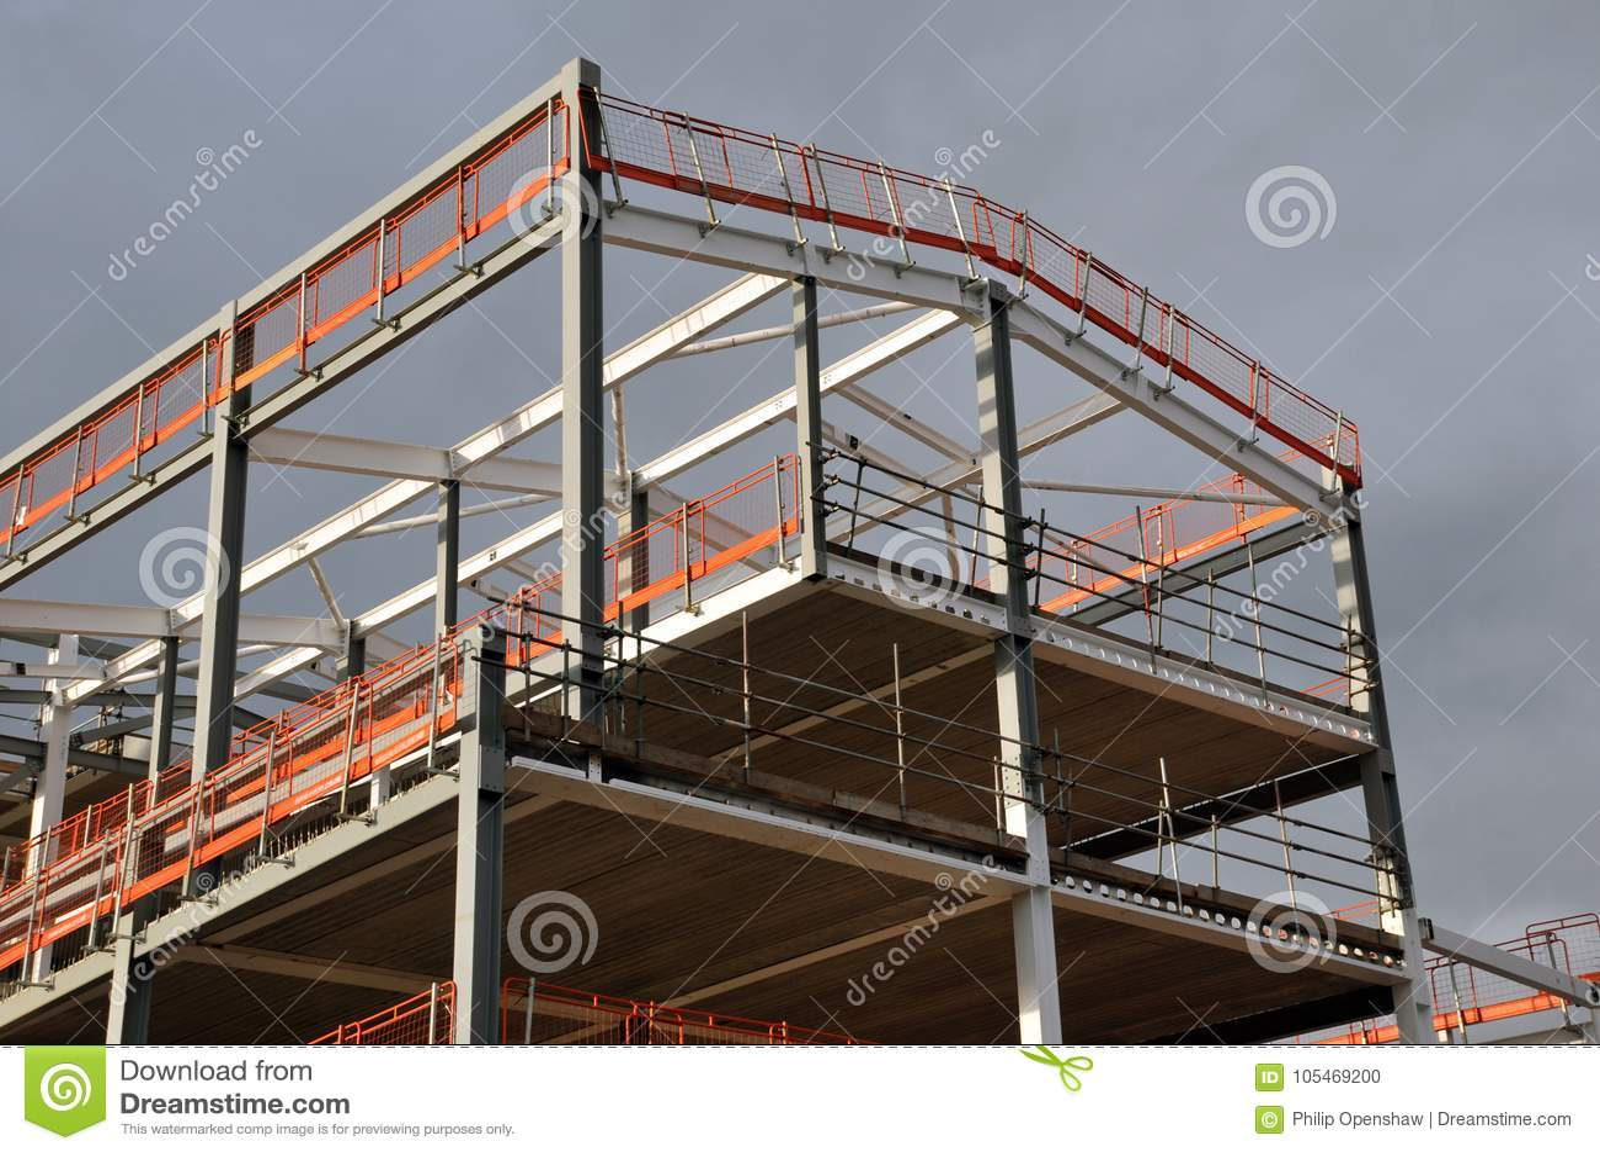 Stahlrahmen Und Dach Eines Gebäudes Im Bau Stockfoto - Bild von ...